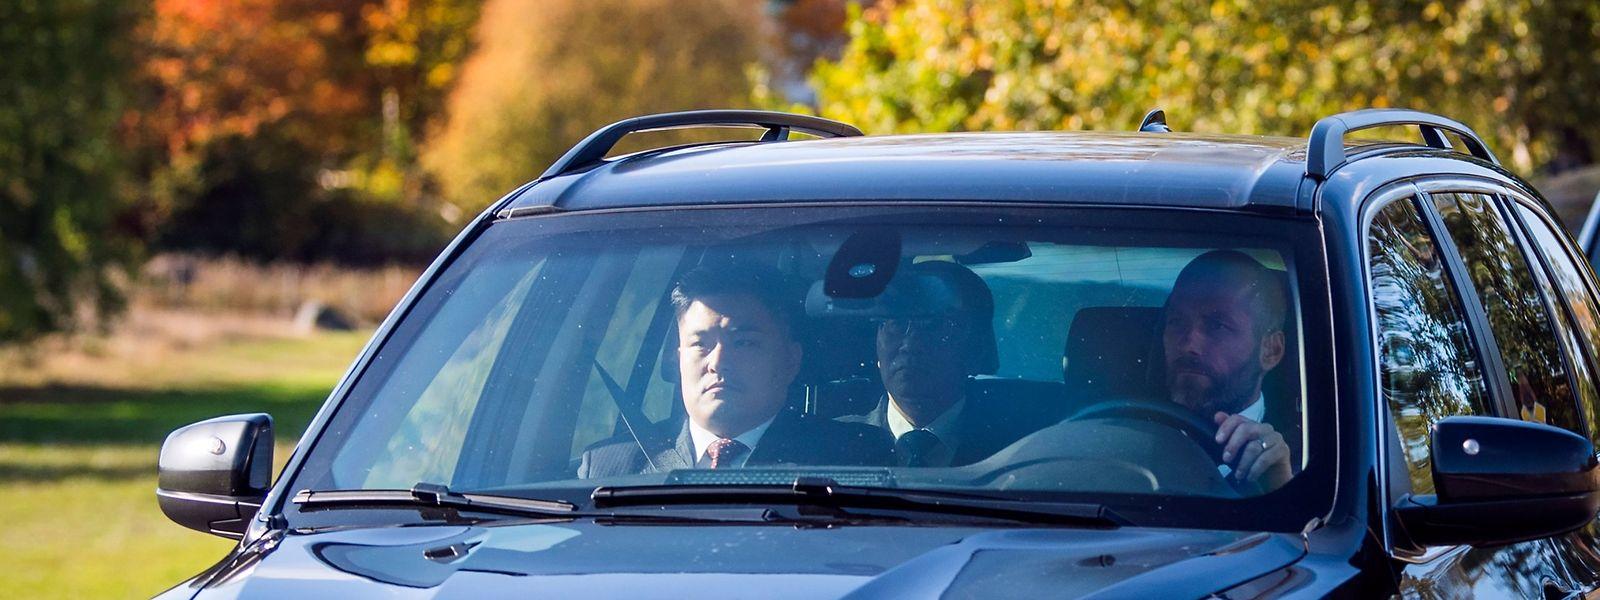 Nordkoreanische Delegationsmitglieder auf dem Weg zum Treffen.